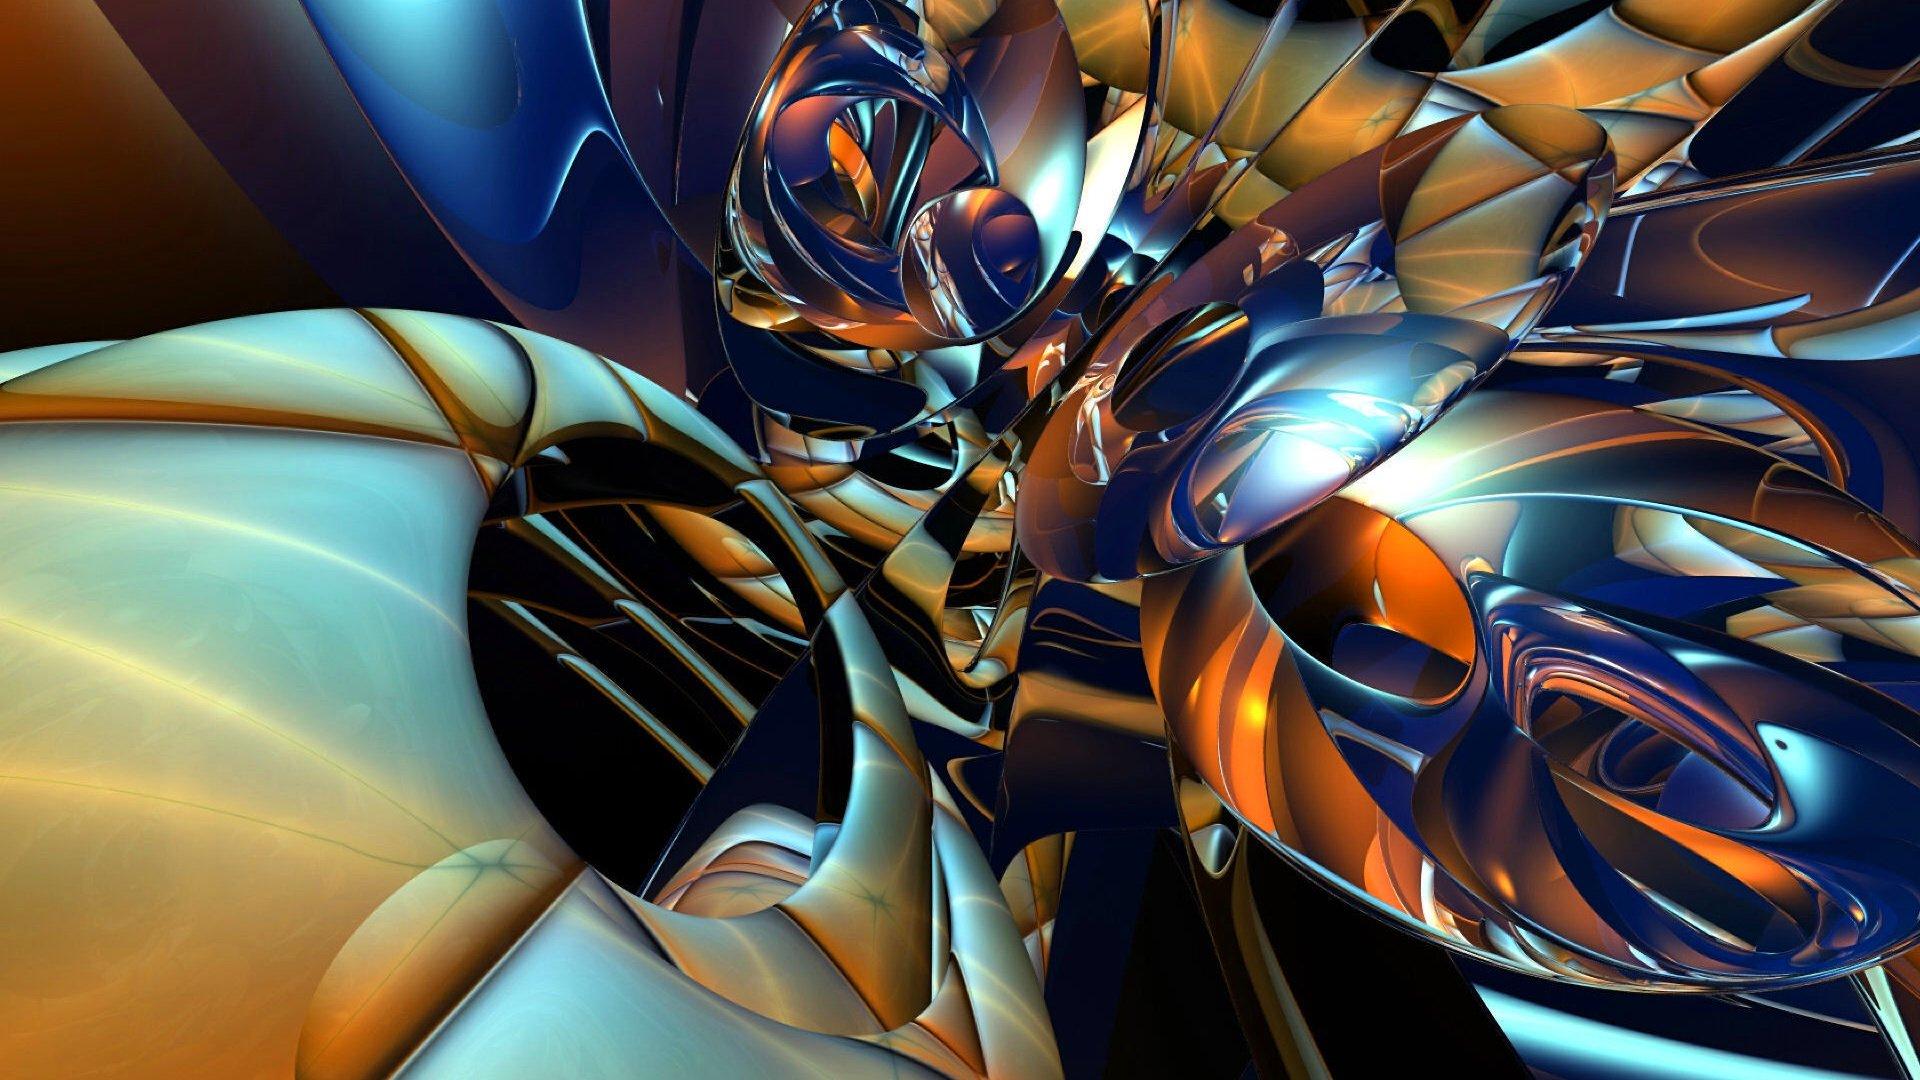 абстракция графика рендеринг abstraction graphics rendering скачать